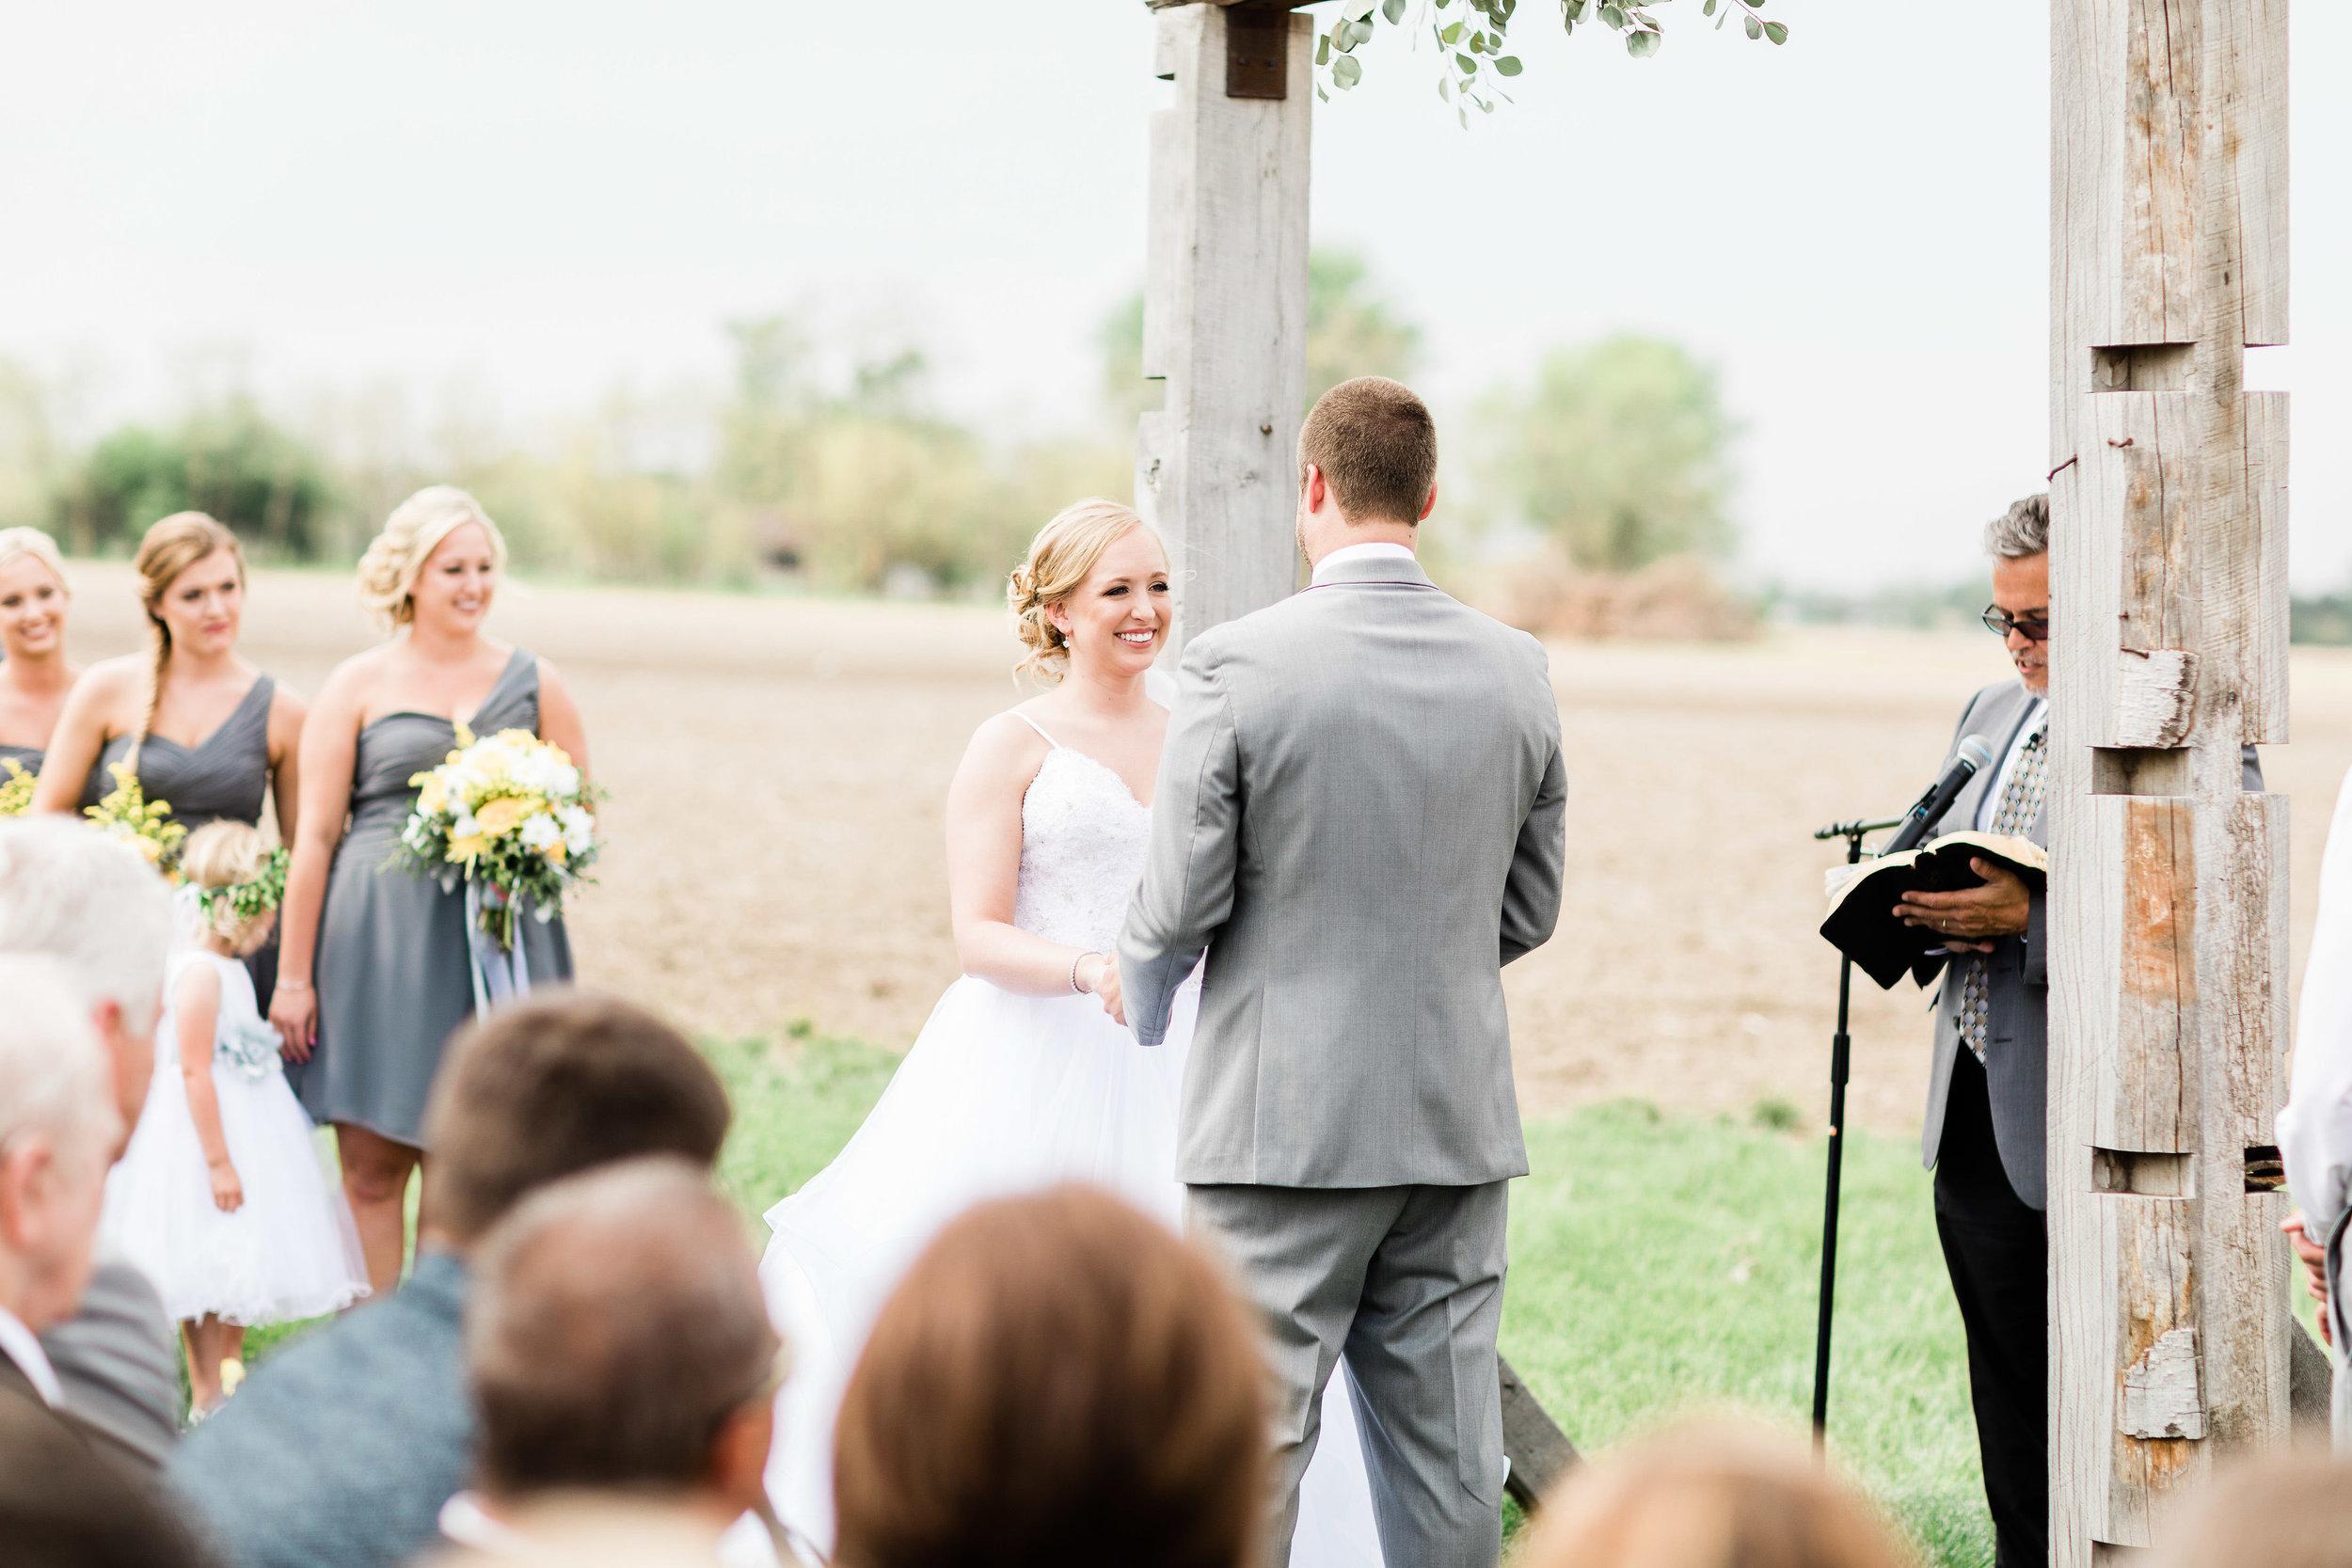 c southwest ohio wedding photographer-58.jpg